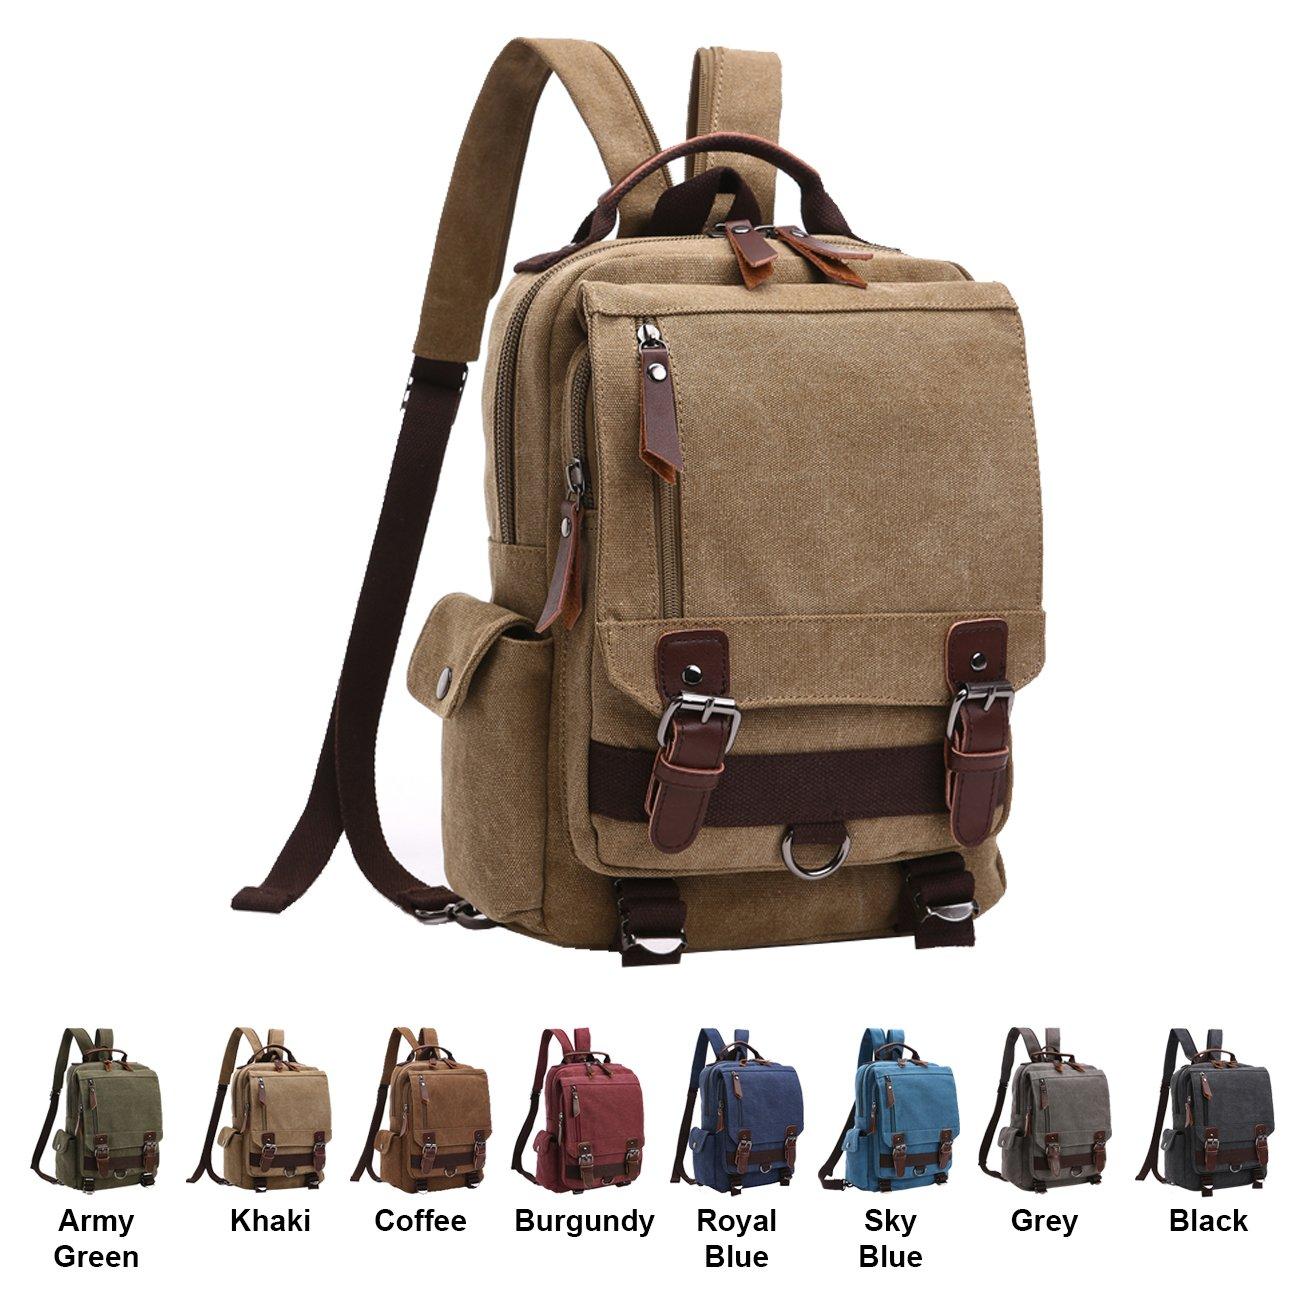 f6ee81829d56 Queenie - Unisex Canvas Cross Body Messenger Bag Sling Bag Backpack  Shoulder Bag Travel Rucksack For Men ...